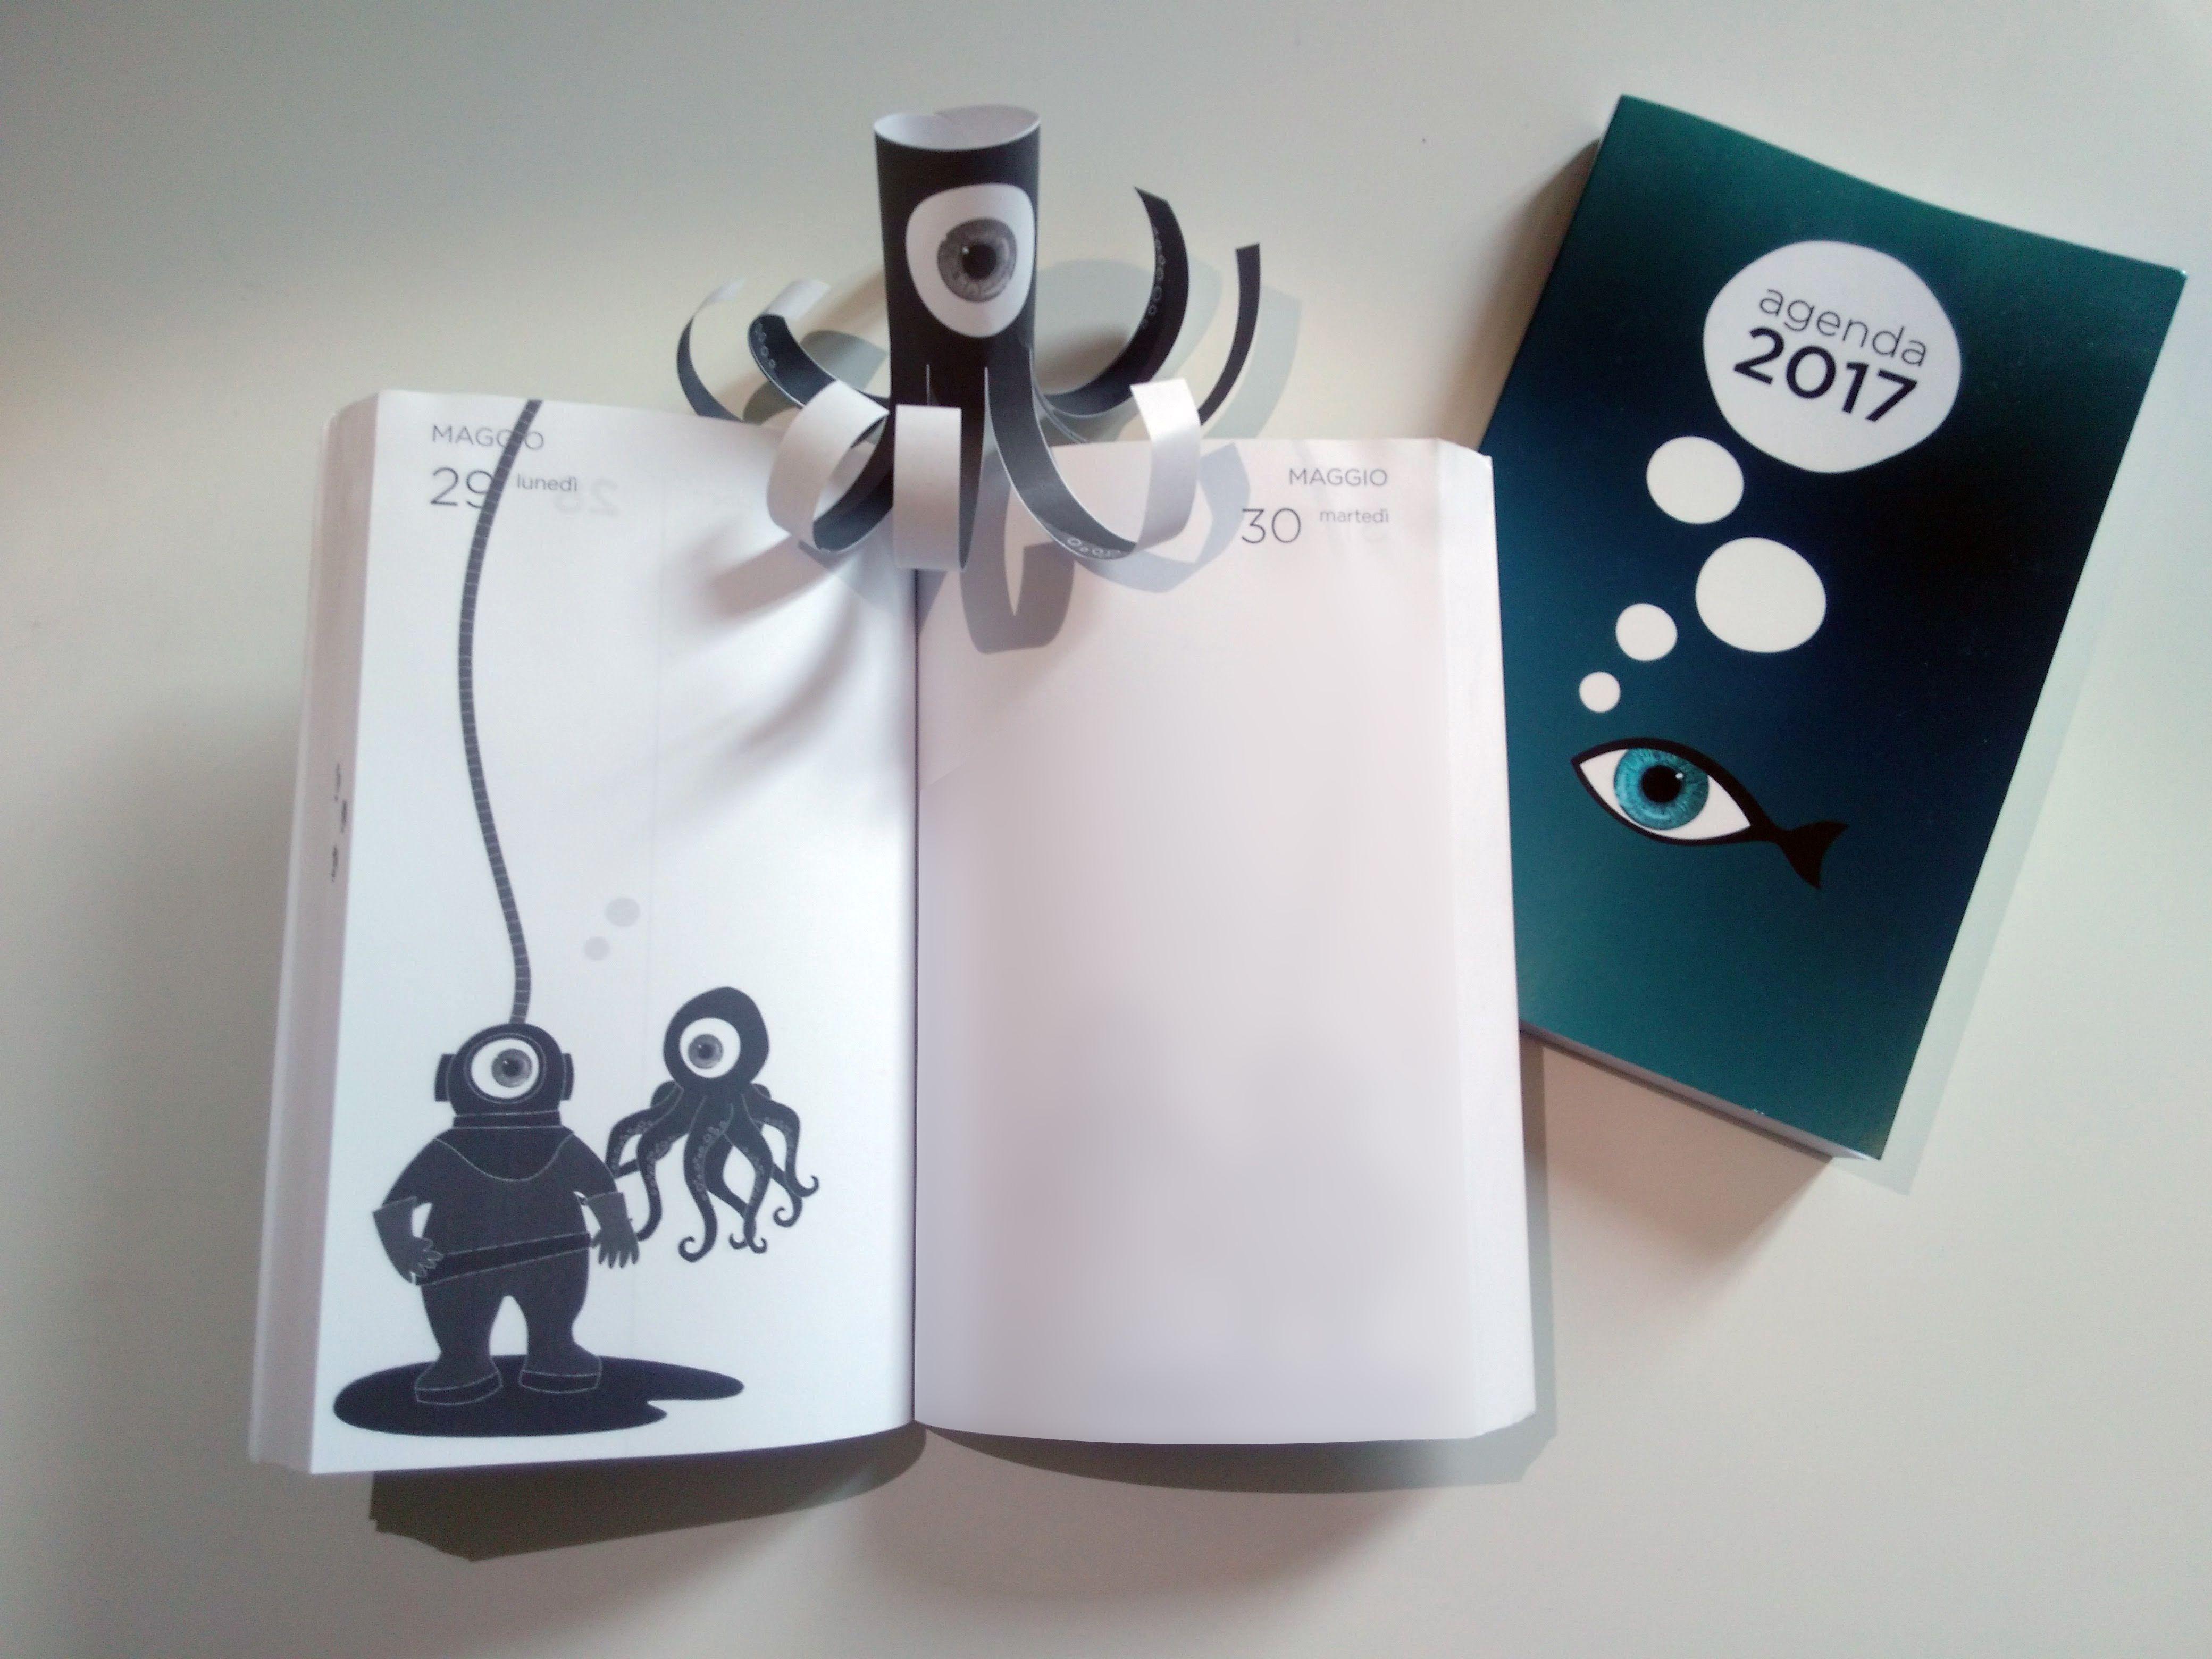 Hai tempo fino all'8 dicembre per ordinare la Nuova Agenda 2017- FlipBook per i tuoi Regali di Natale. Visita il mio Store! http://it.blurb.com/b/7335769-agenda-2017